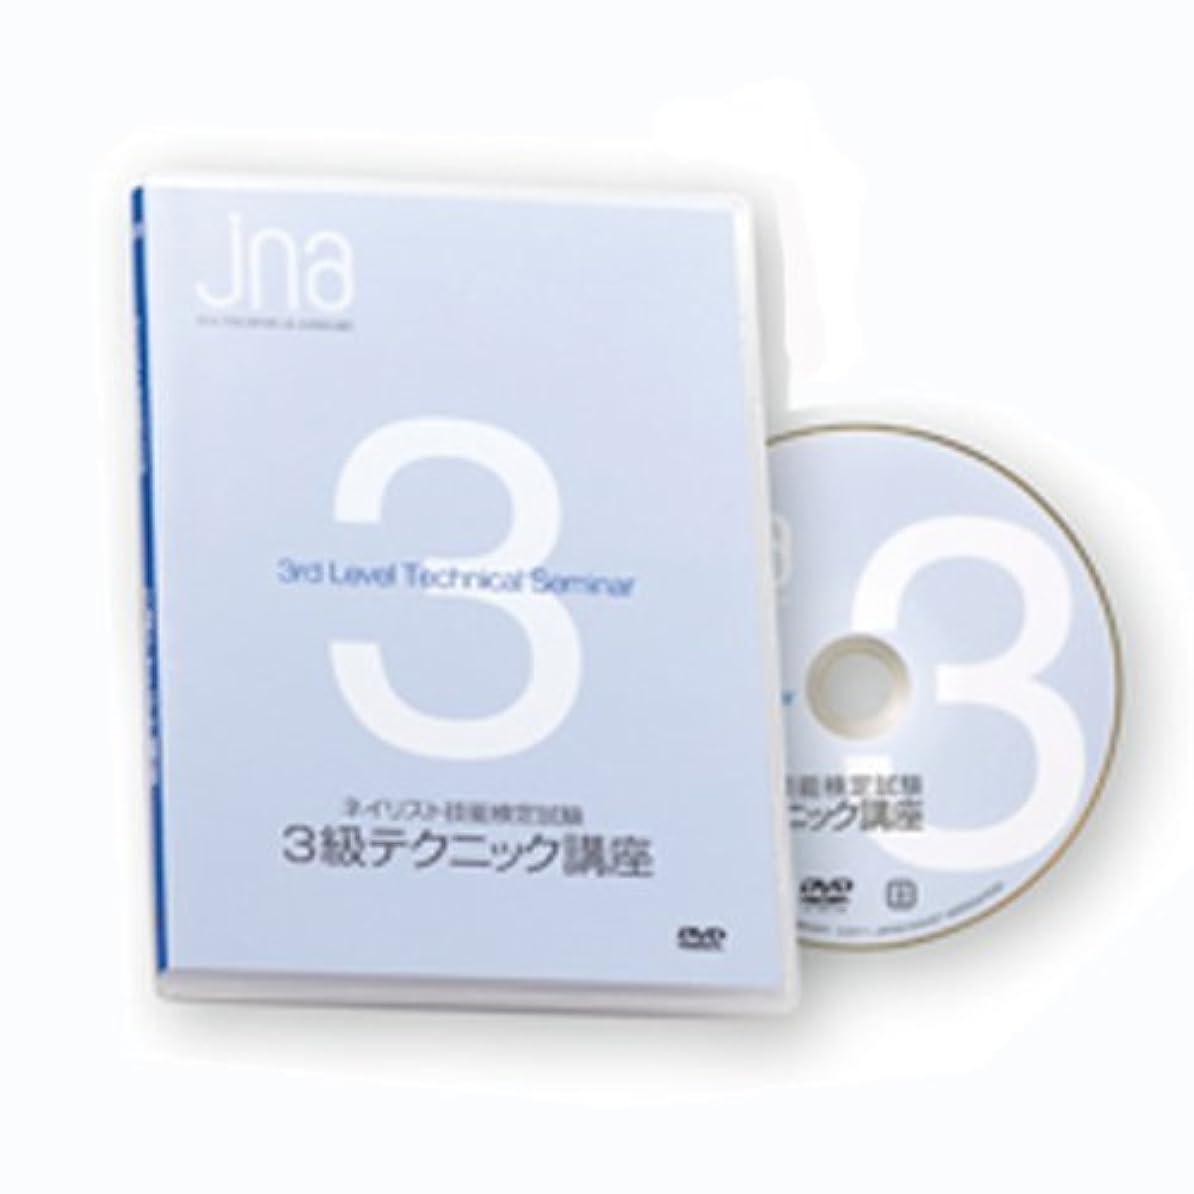 行為シャーパーセントJNAテクニカルライブラリーDVD ネイリスト技能検定試験3級 テクニック講座